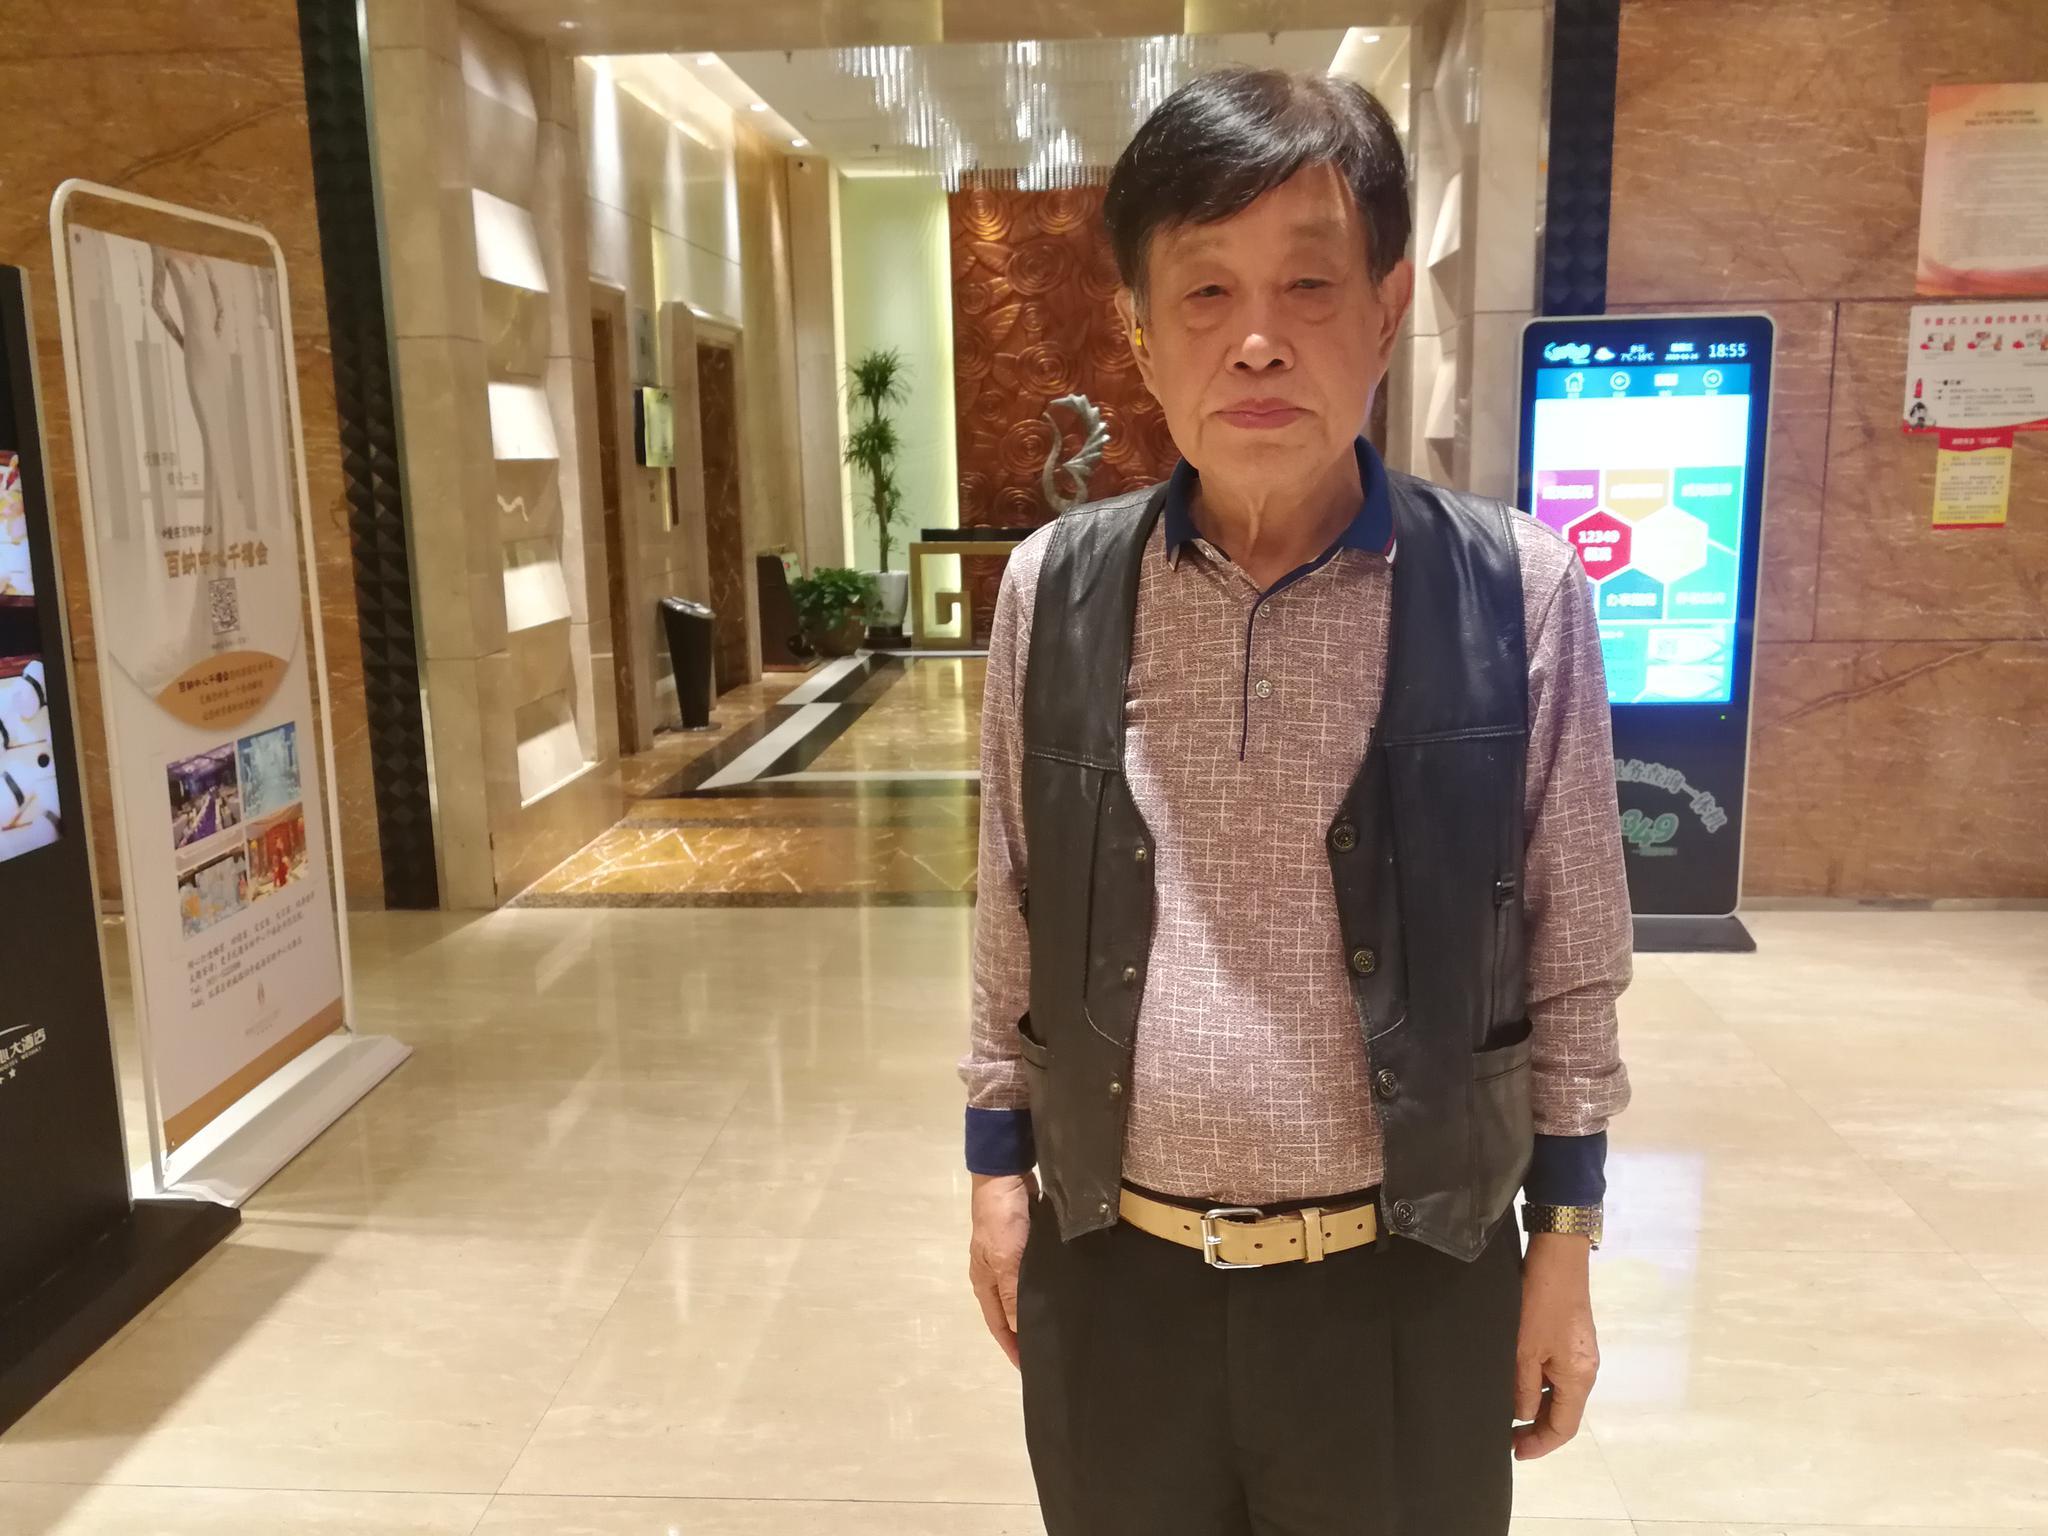 试玩通三关送彩金-广播丨中国之声《国防时空》(2018年7月30日)